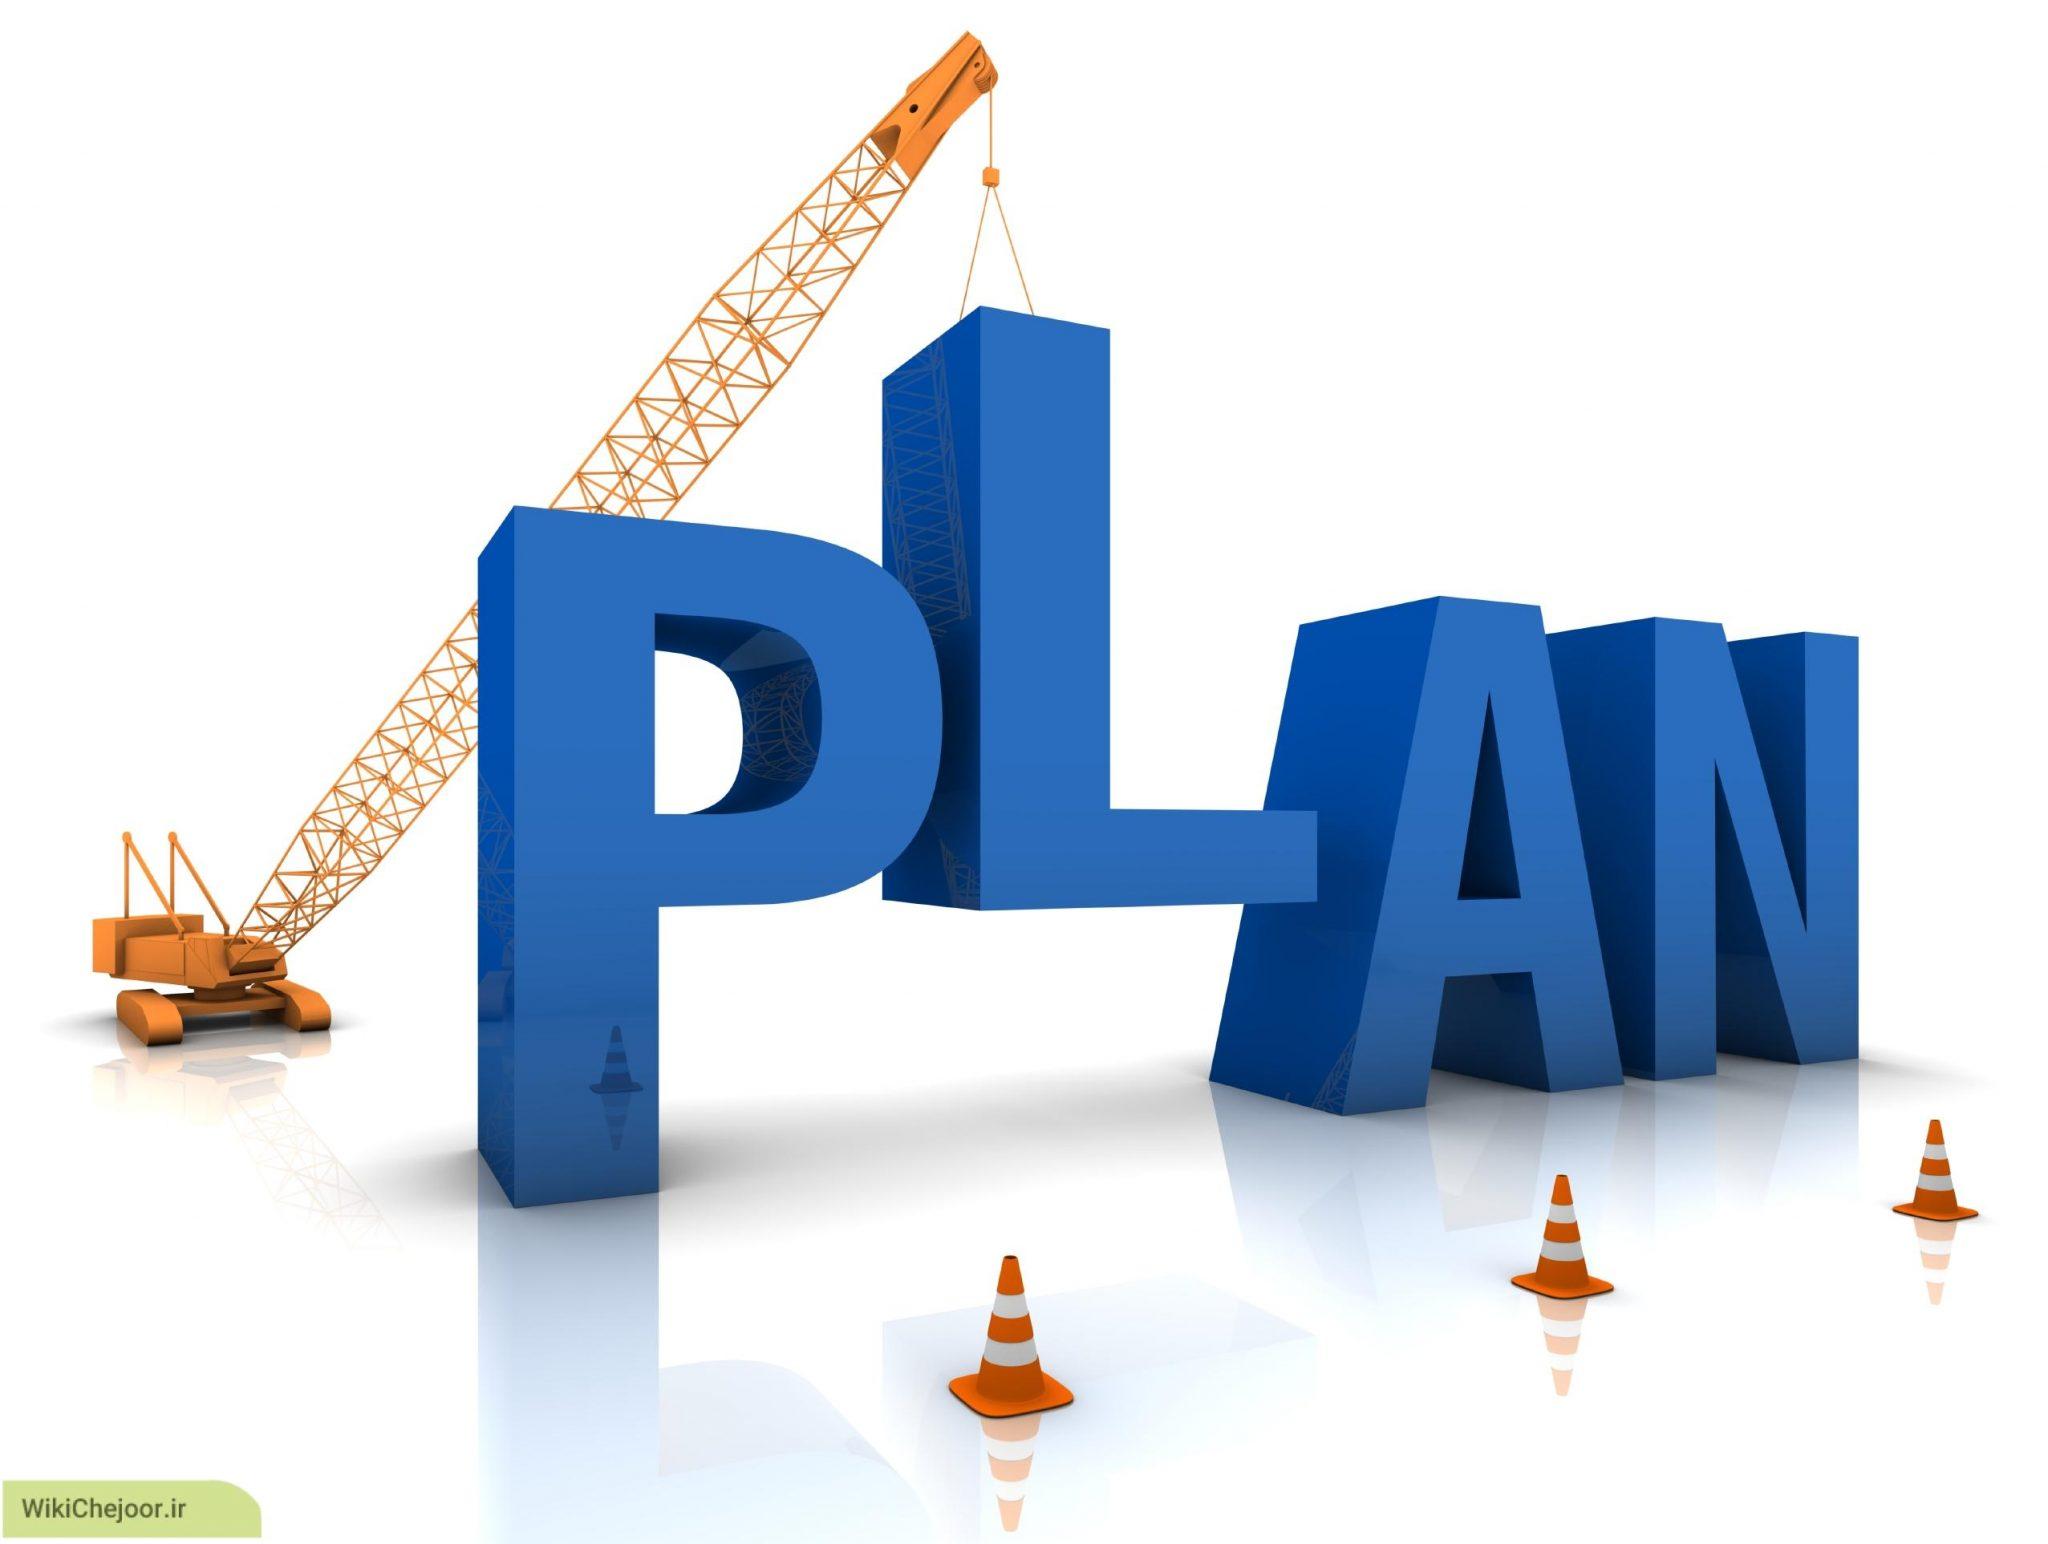 چگونه برنامه ریزی کنیم؟